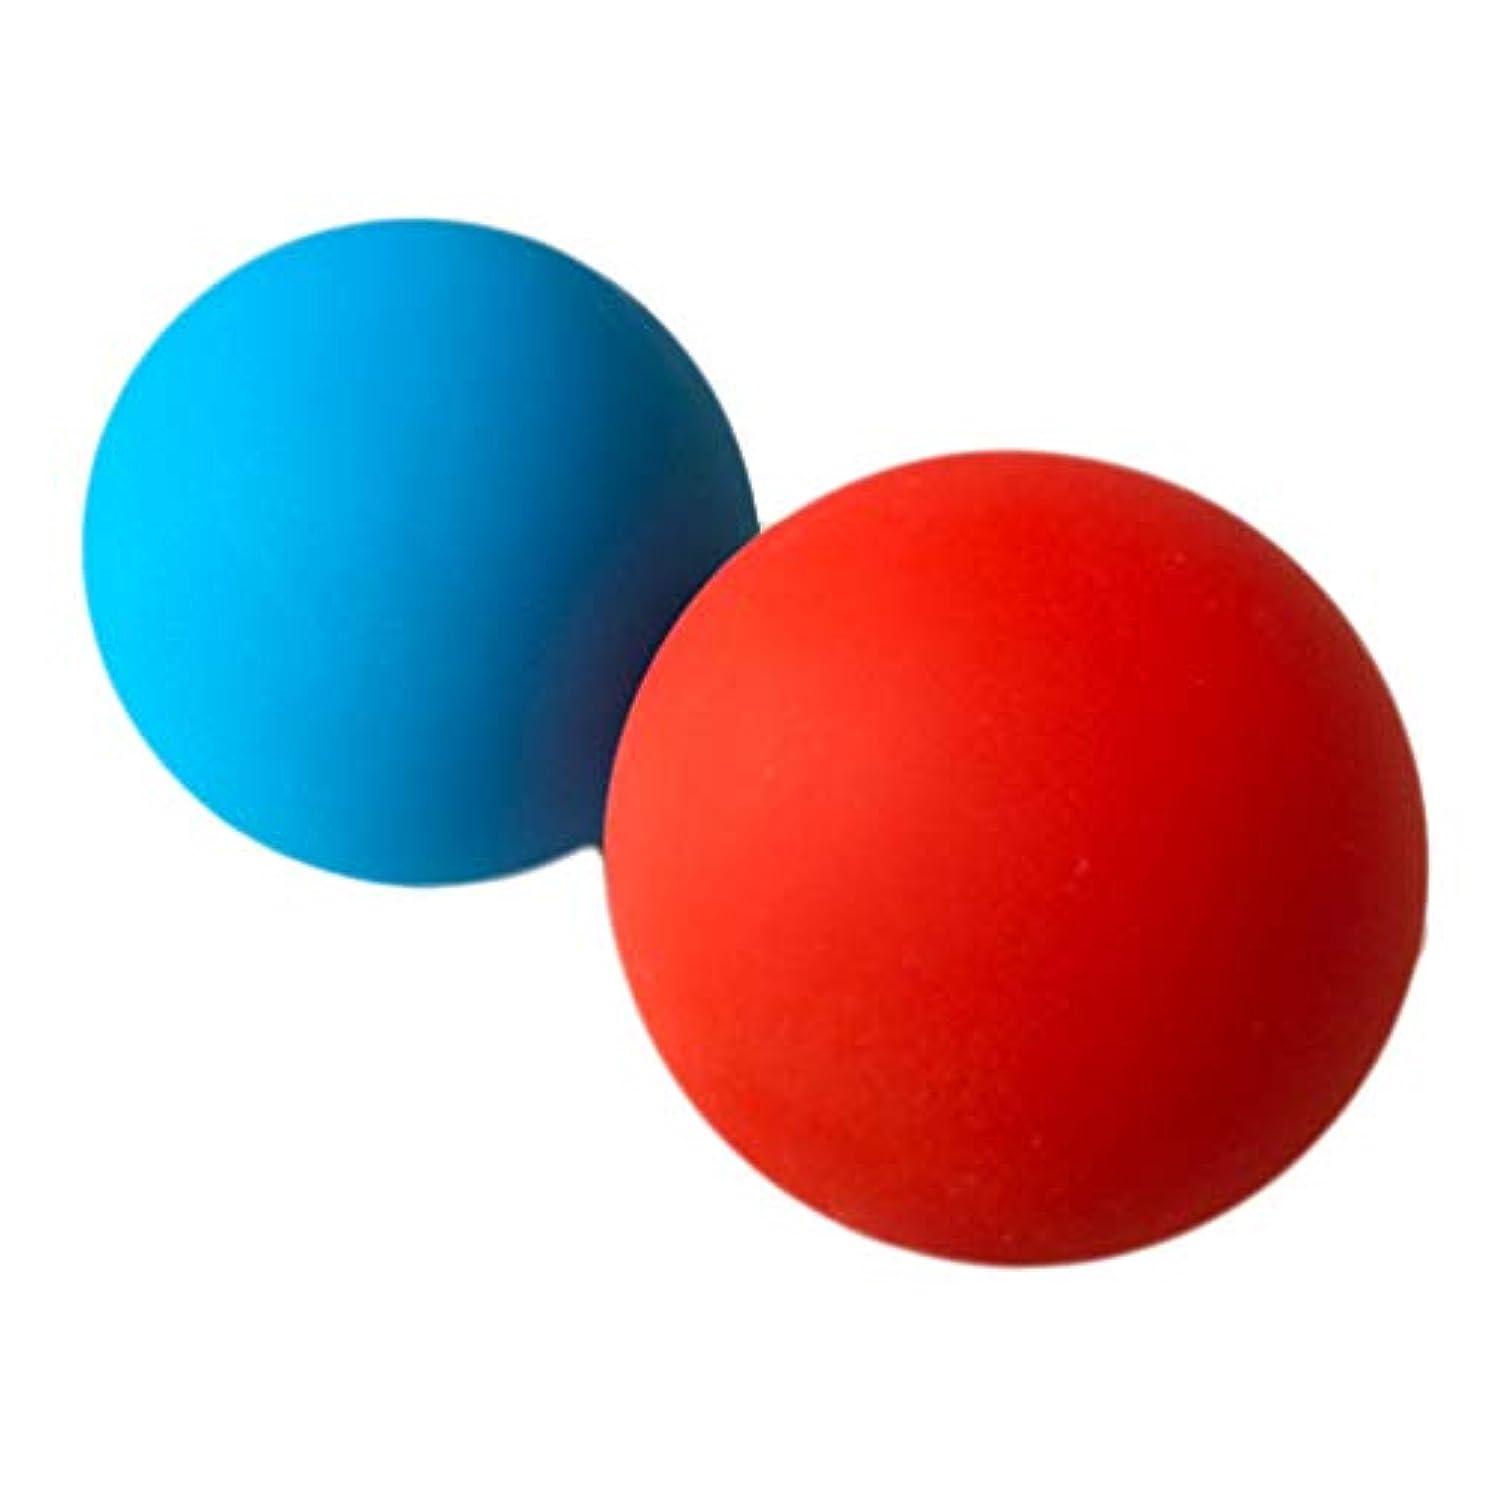 第二劇的スローHealifty 理学療法セラピーボールヨガ深部組織マッサージトリガーポイント療法筋肉痛筋膜リリース2ピース